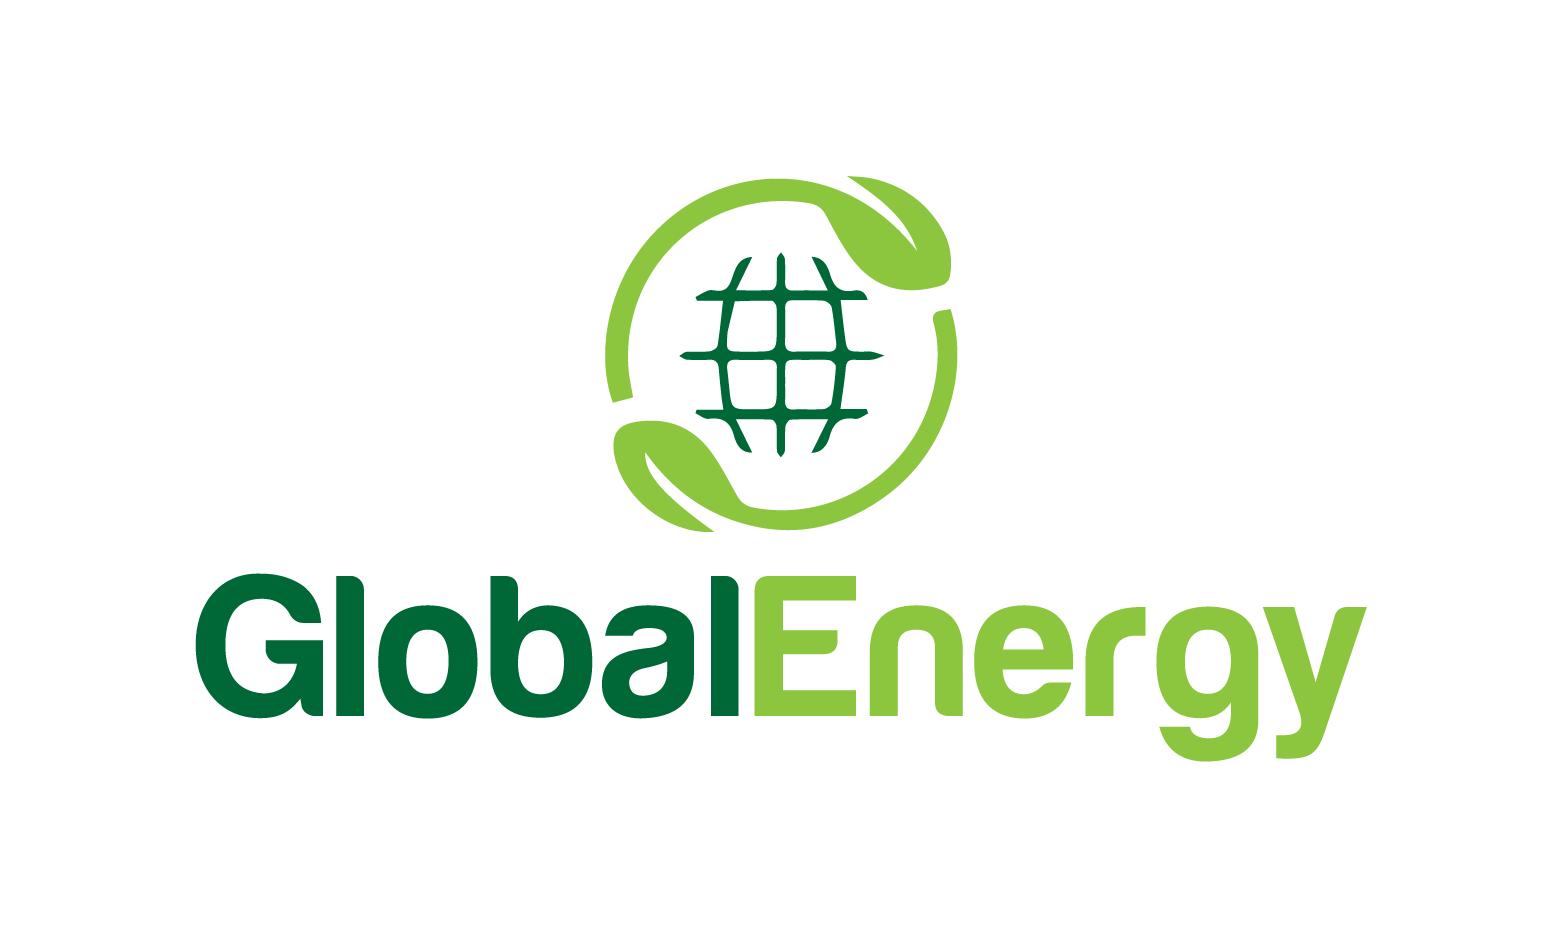 GlobalEnergy.io